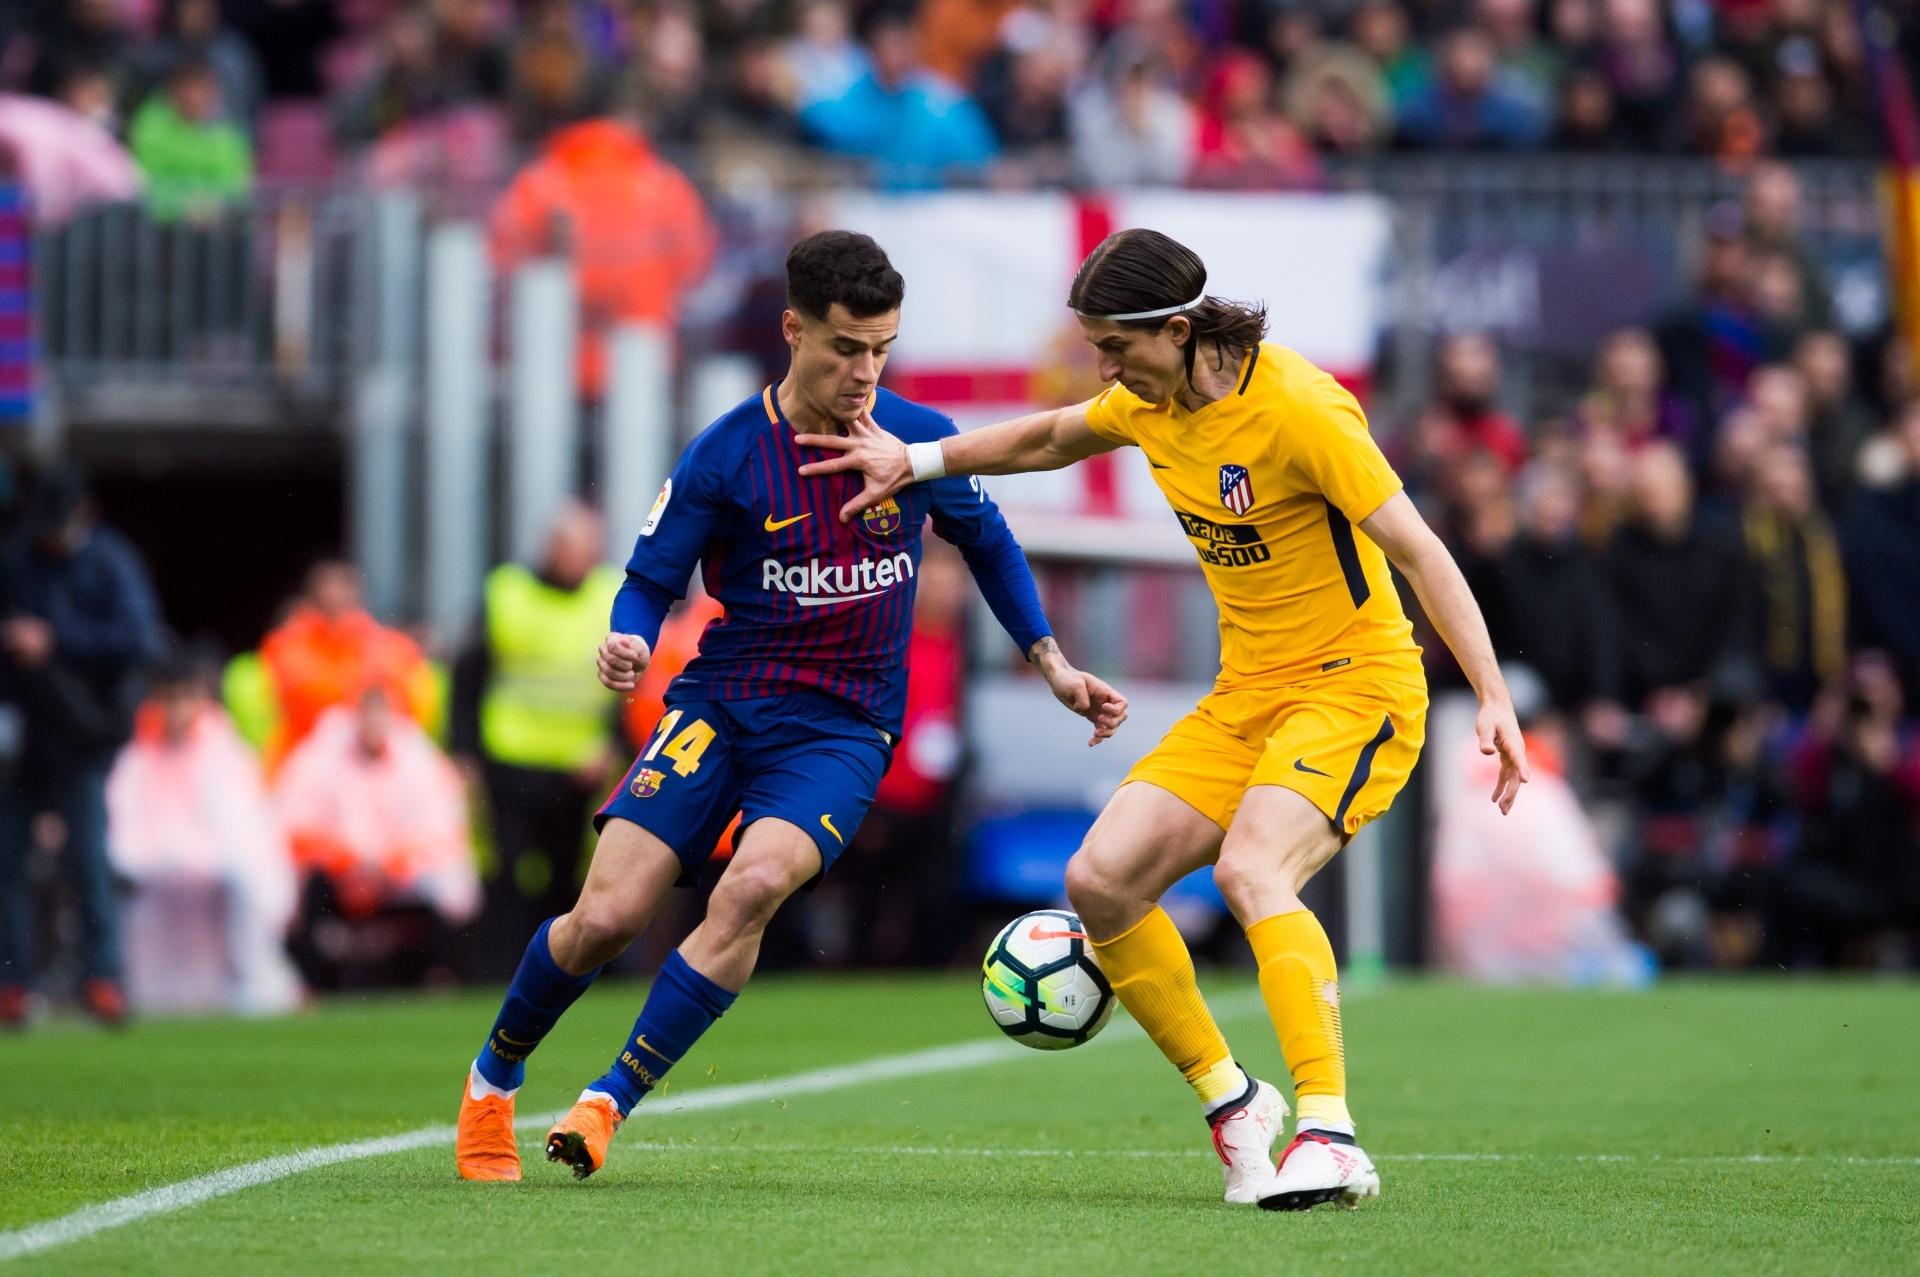 3e57c4cbae Coutinho é elogiado por jogo pelo Barça  demonstrou por que foi contratado  - Esporte - BOL